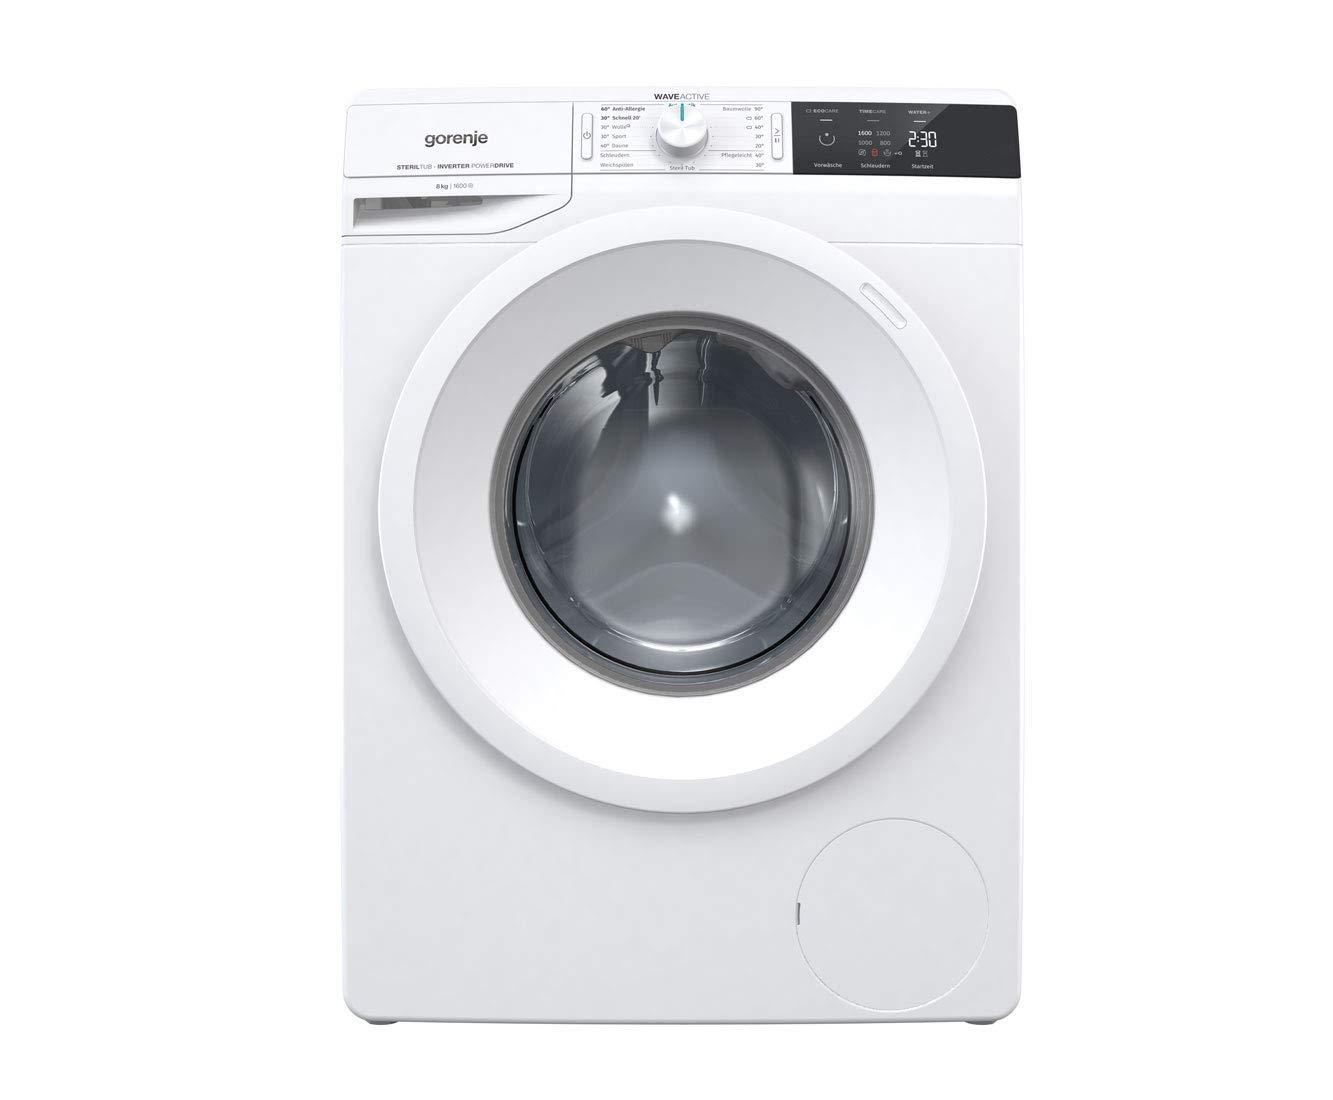 gorenje-W4EI863P-Waschmaschine-wei